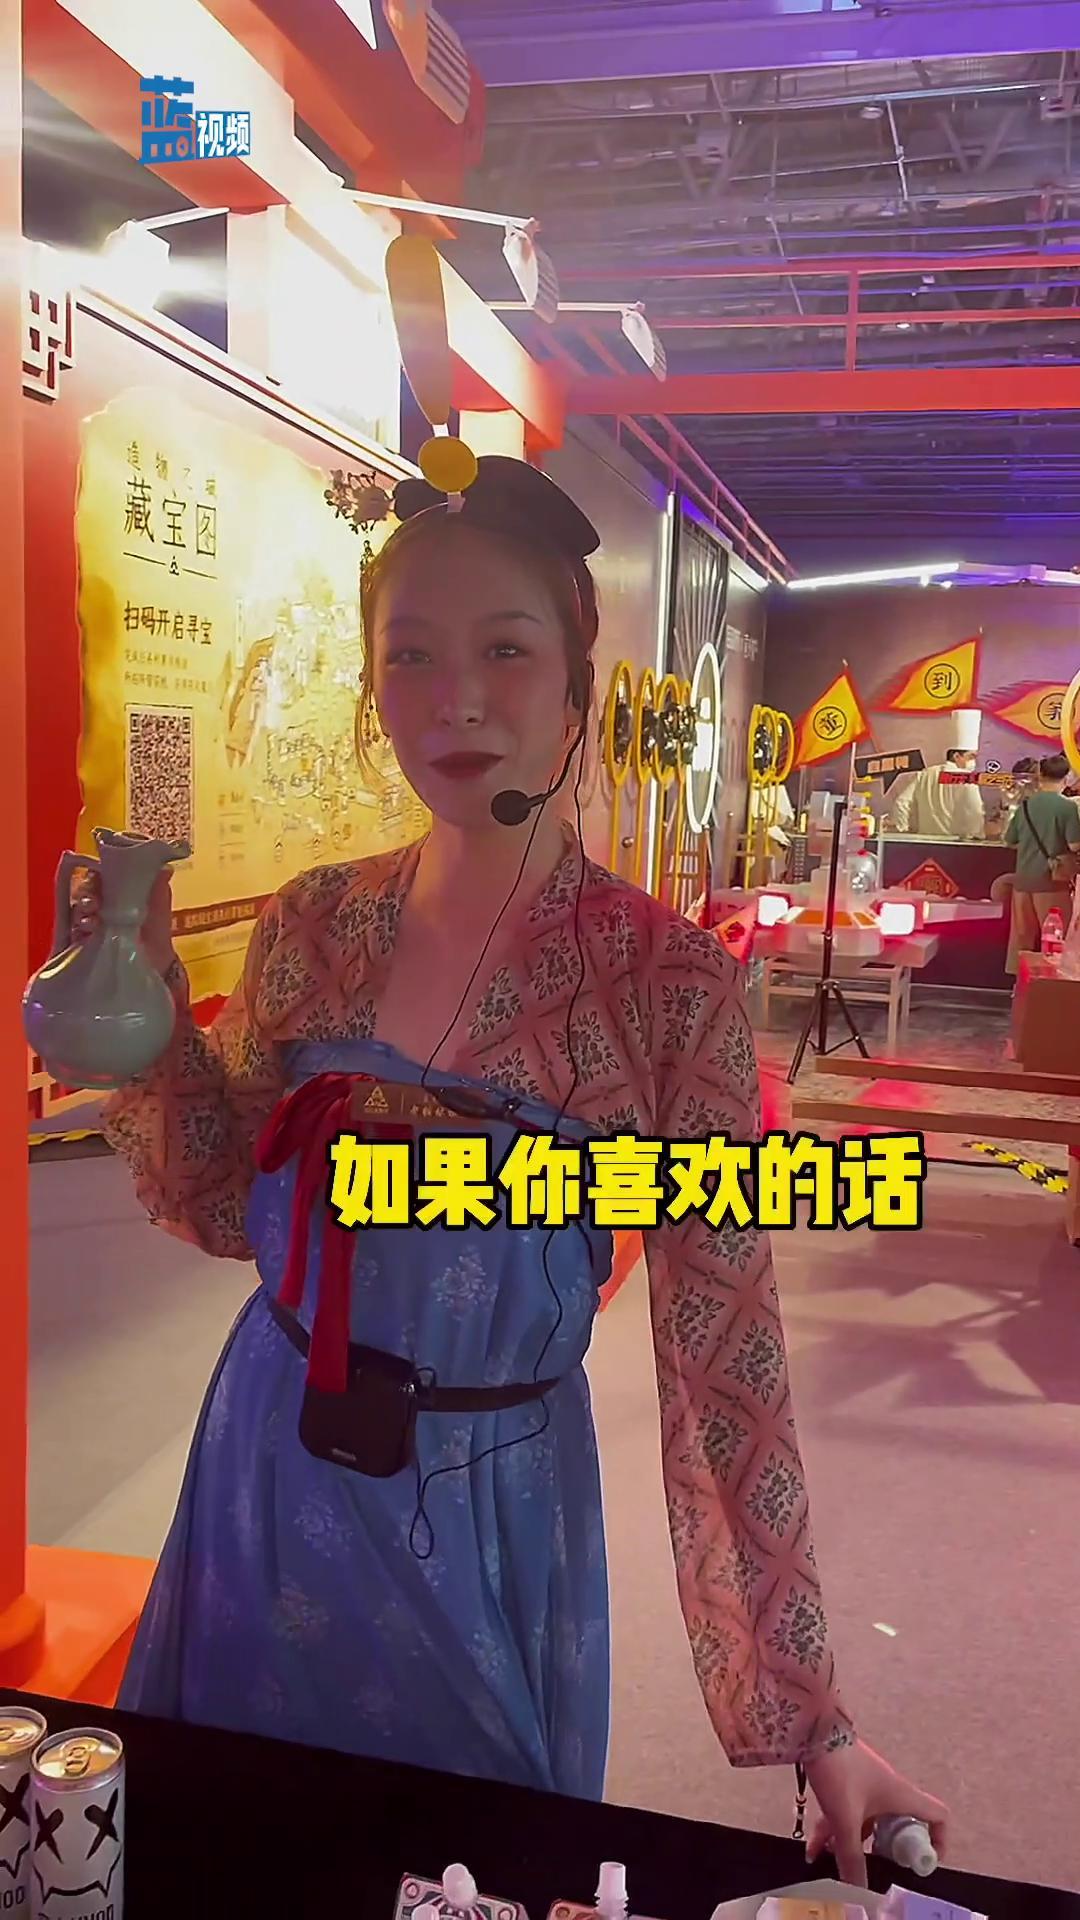 淘宝造物节首发探店(一):辣椒梅酒?饮用玻尿酸?你敢喝吗